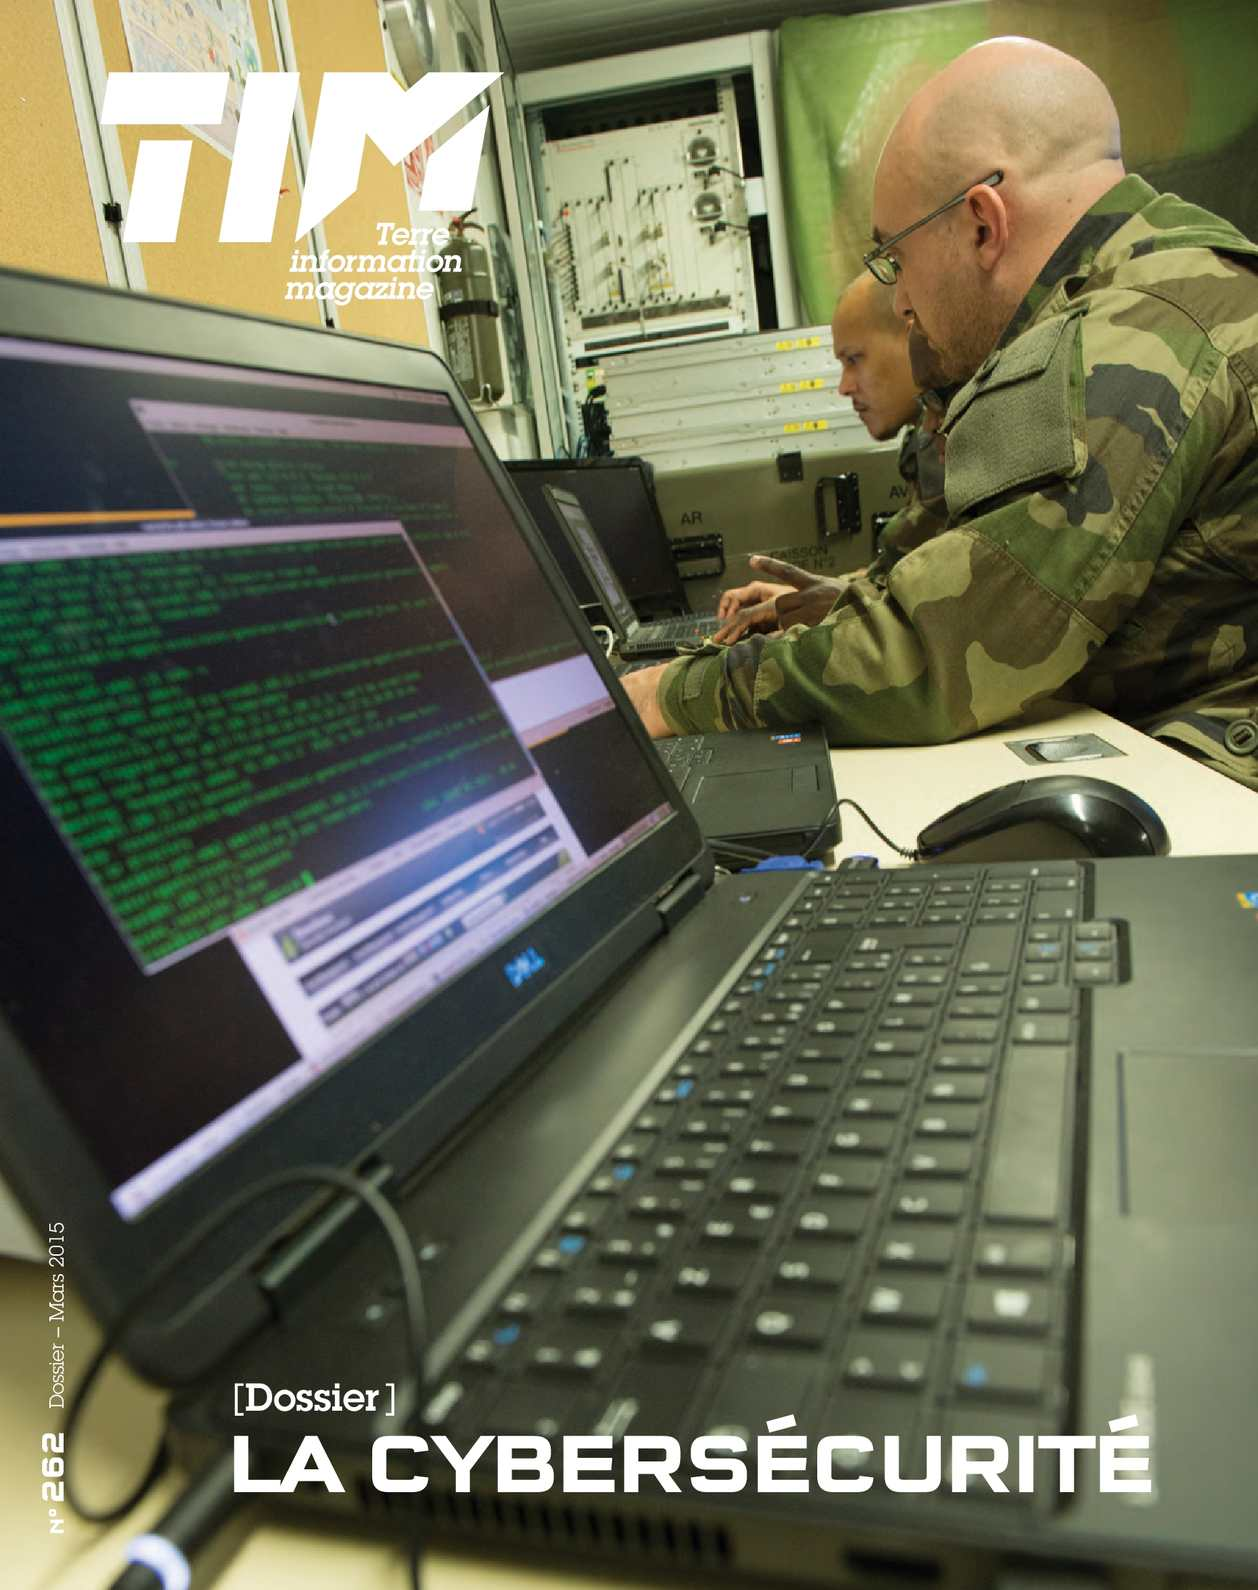 Dossier : Cybersecurité